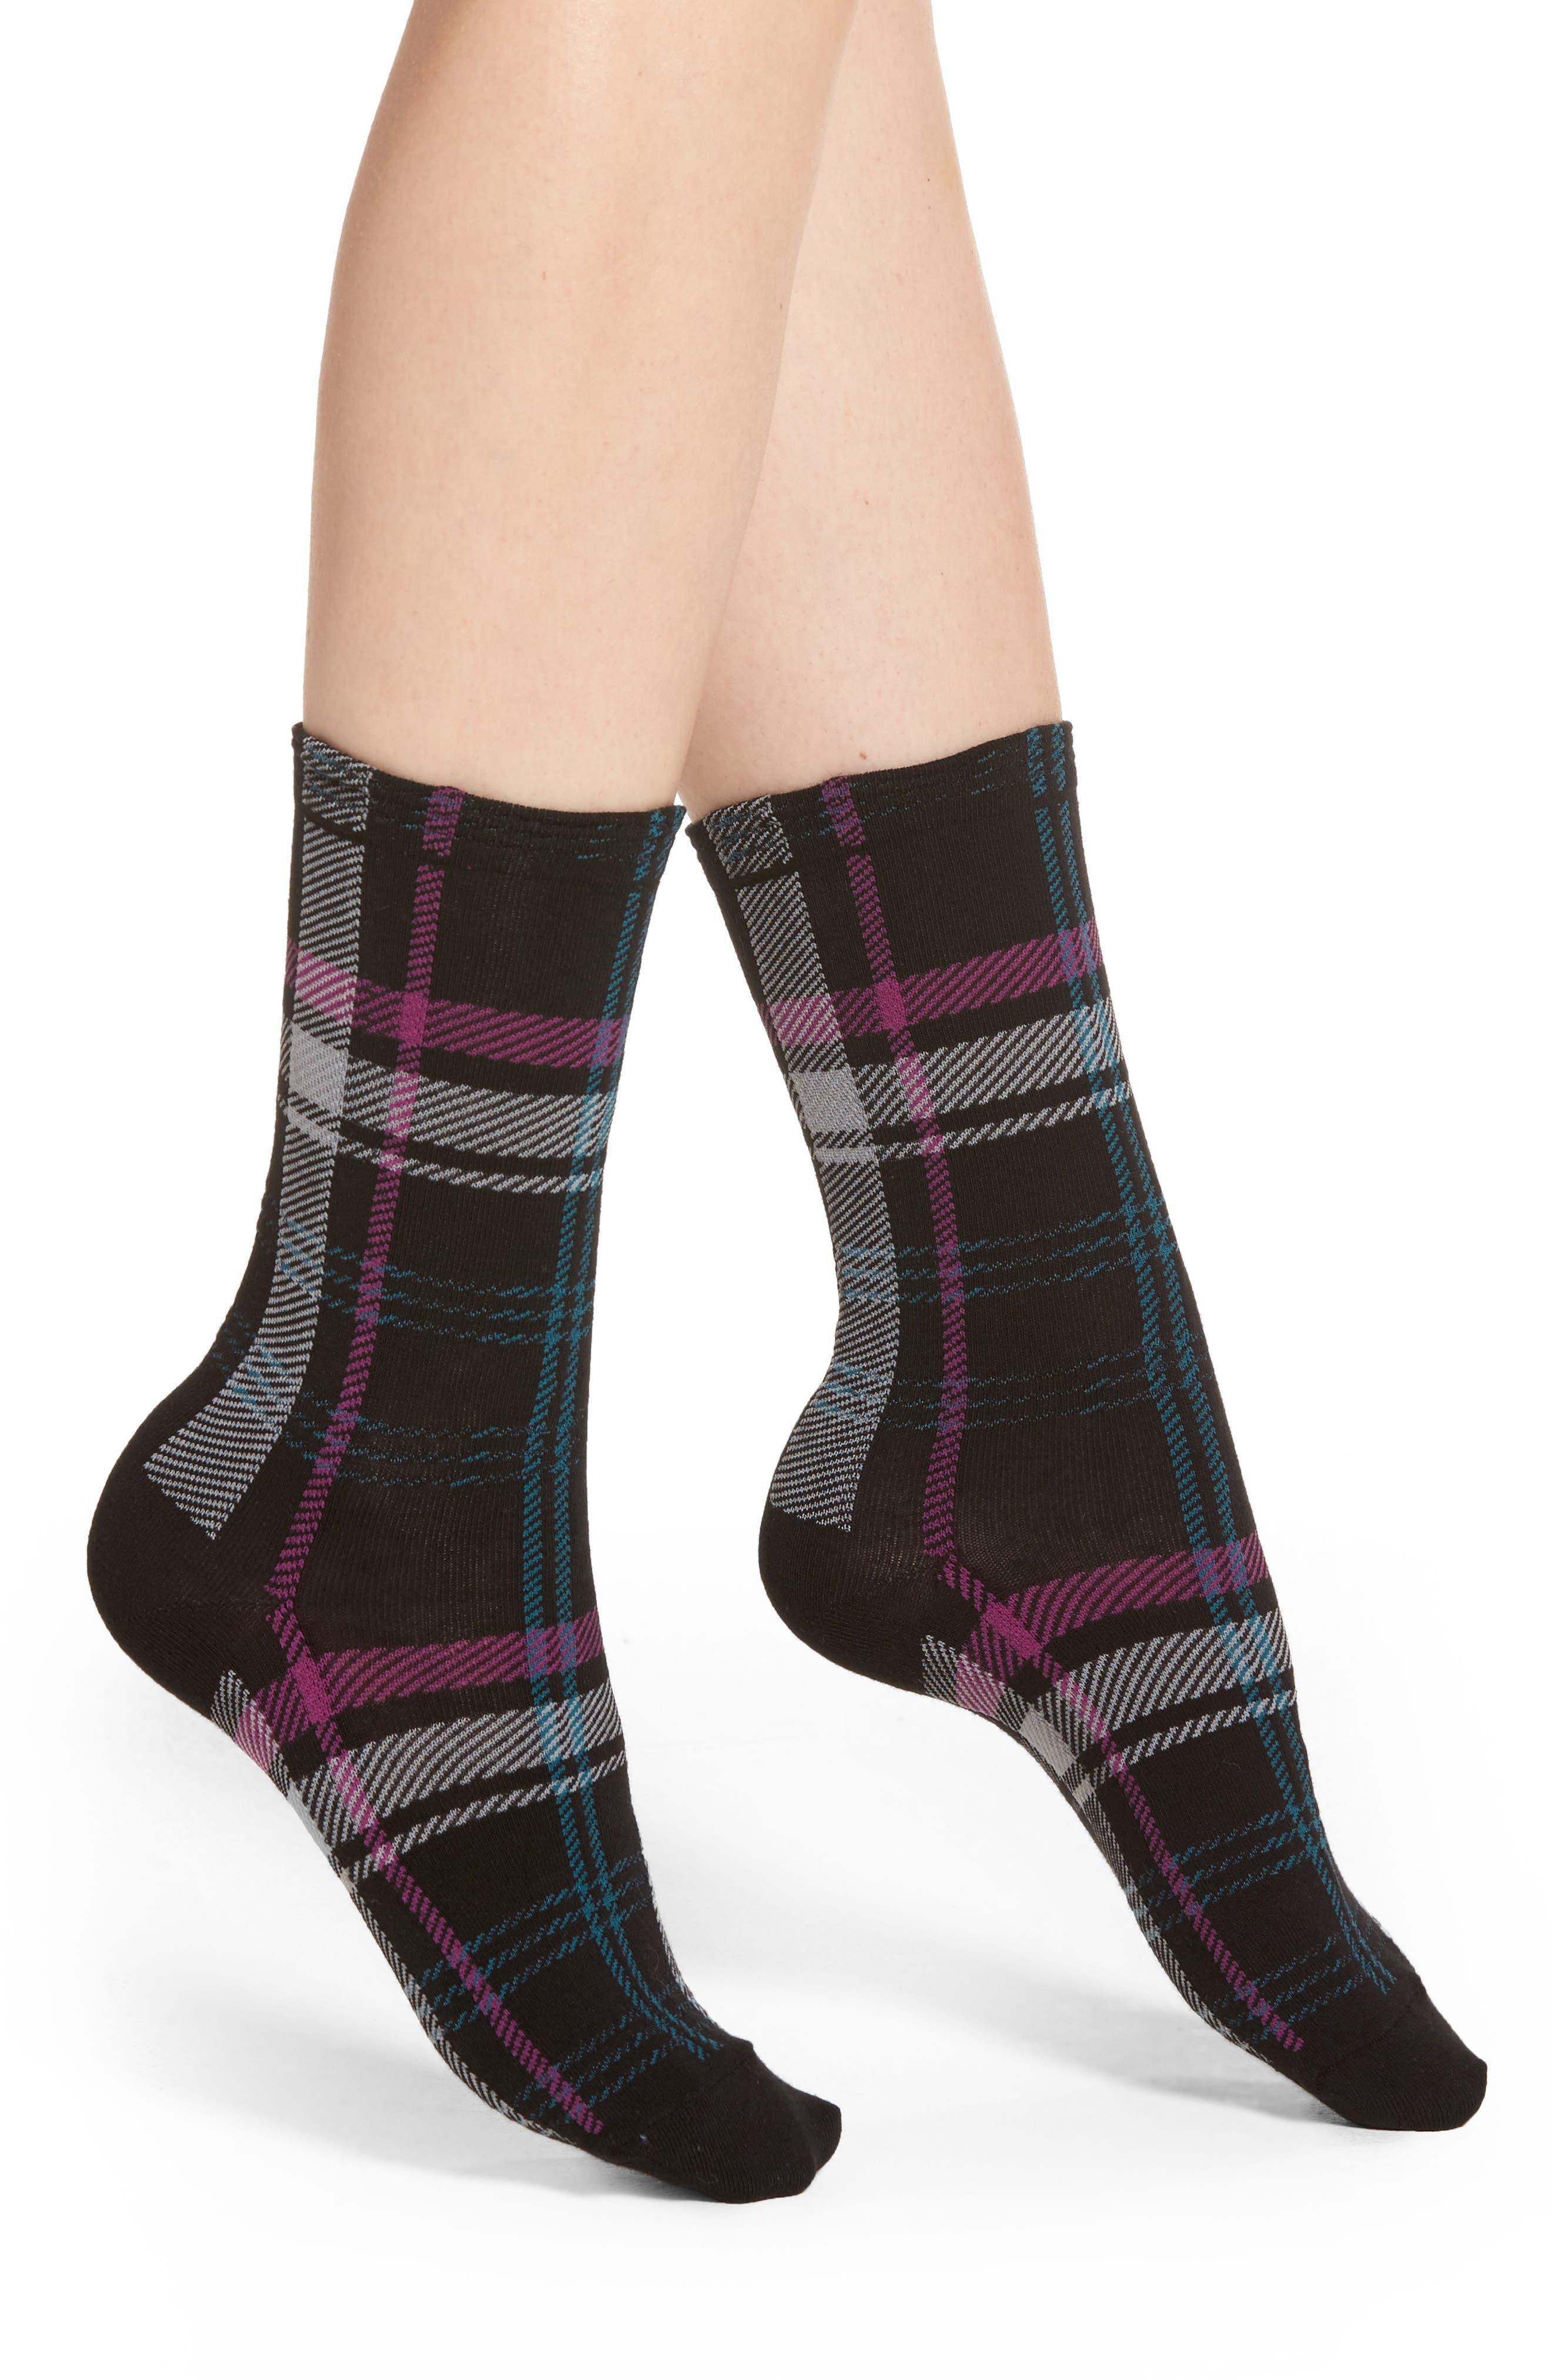 Plaid Flat Knit Socks,                             Main thumbnail 1, color,                             001